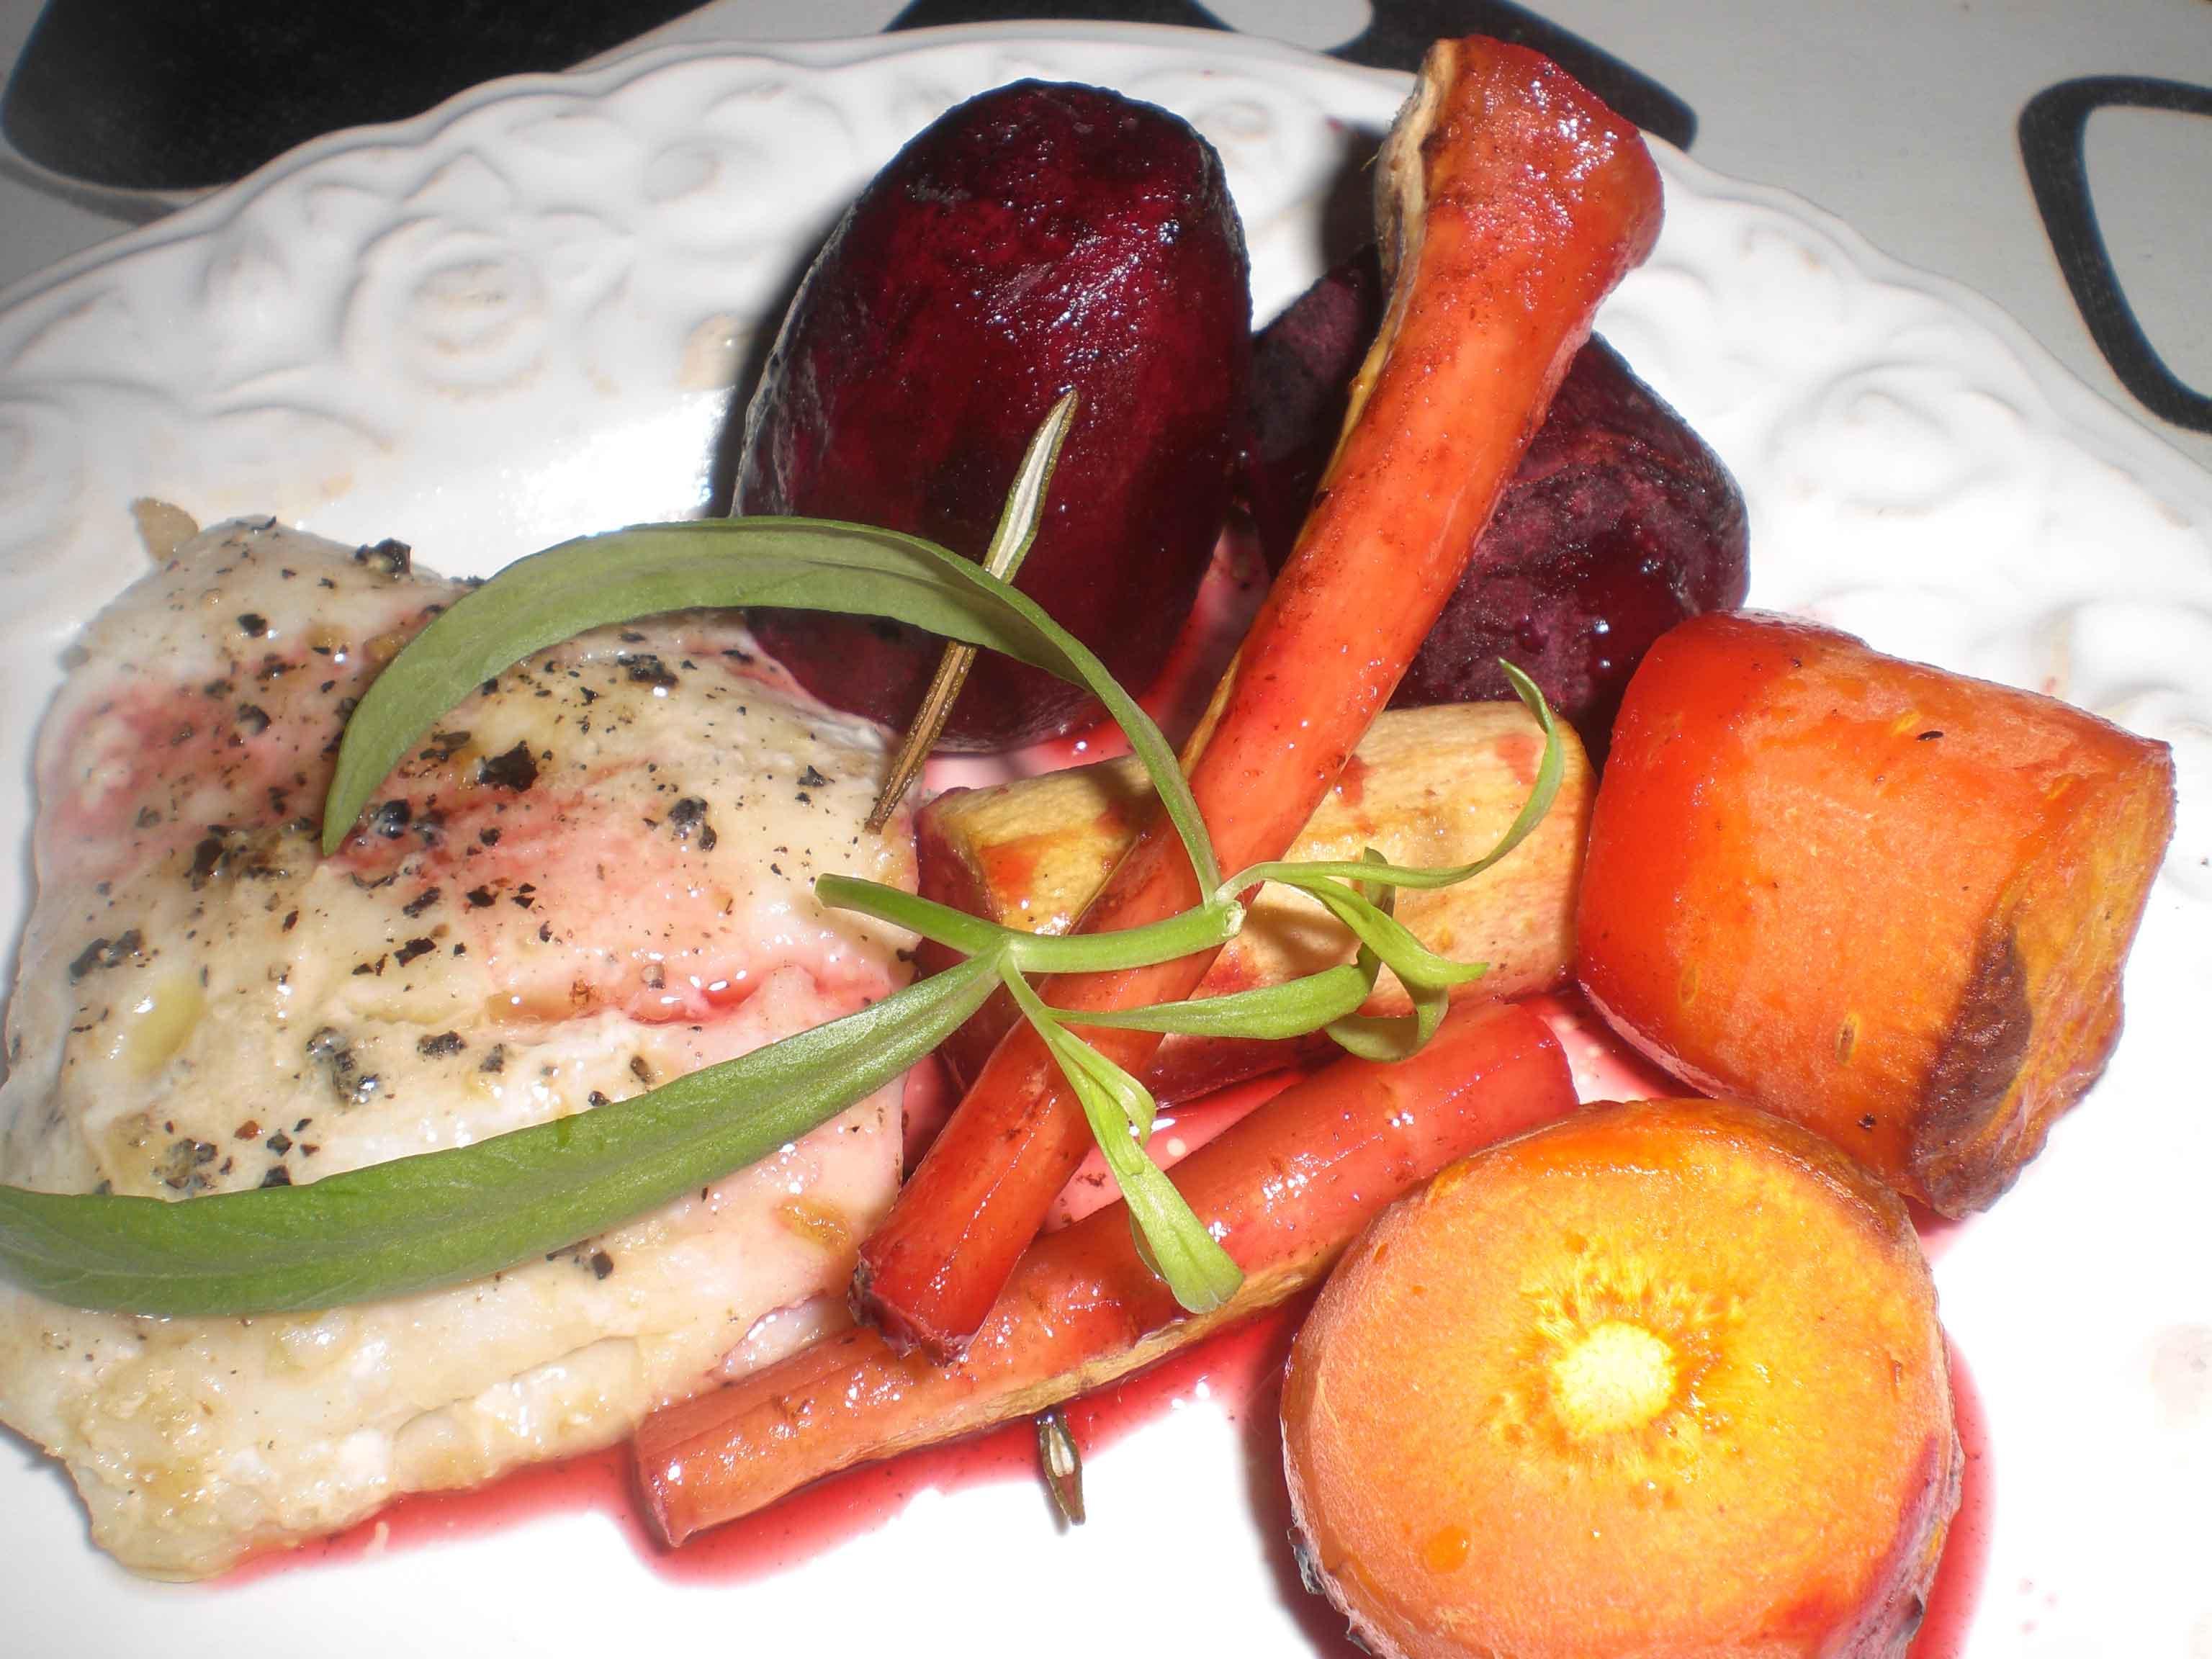 Stegt kulmule med bagte rodfrugter i marinade